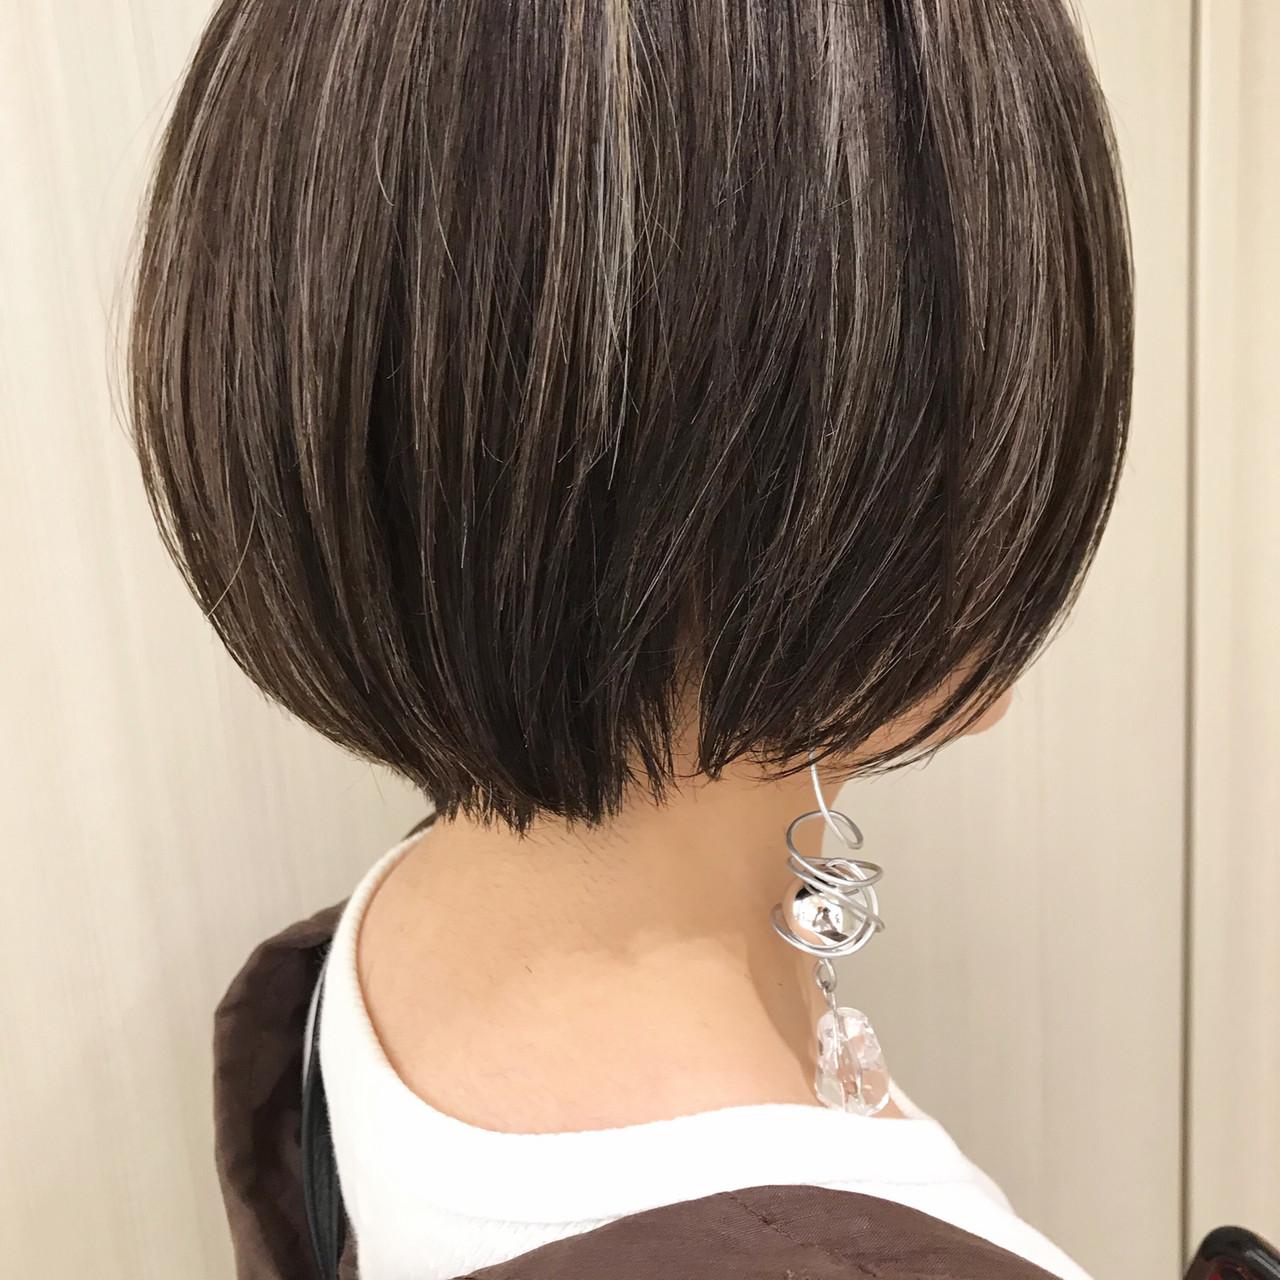 デート まとまるボブ ナチュラル 簡単スタイリング ヘアスタイルや髪型の写真・画像